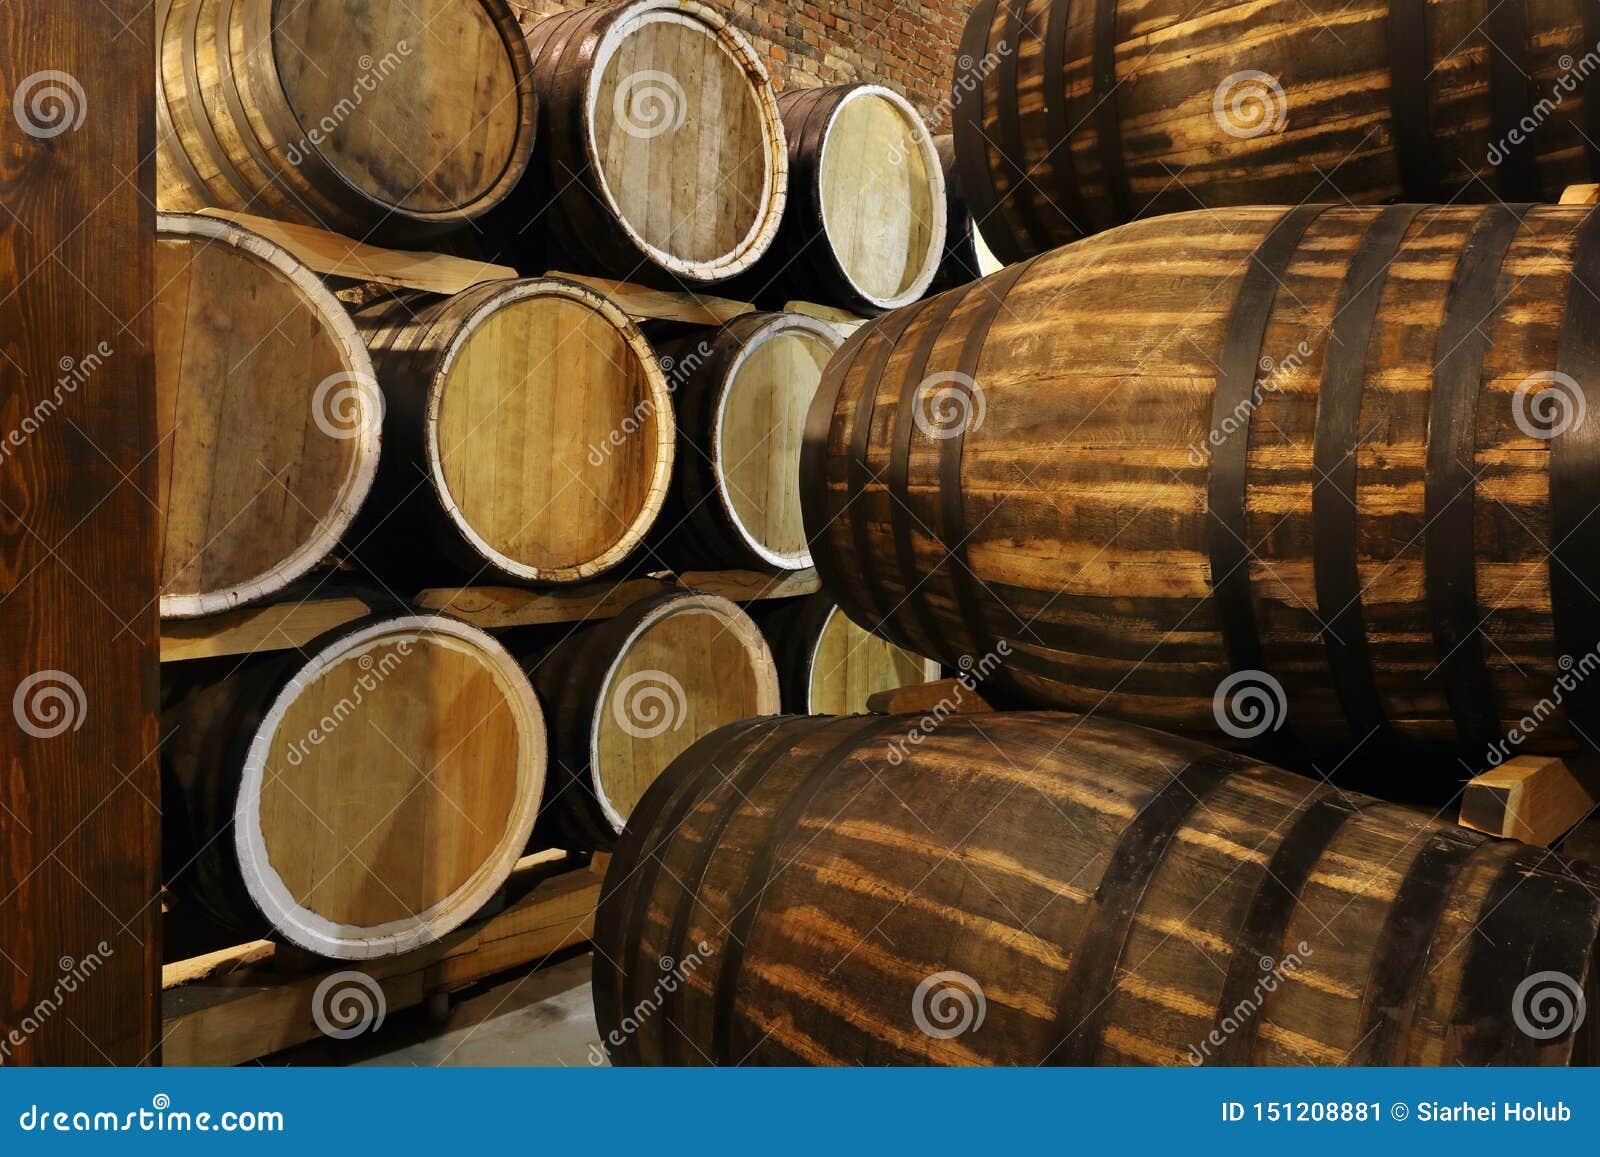 Οι σειρές των οινοπνευματωδών βαρελιών κρατιούνται στο απόθεμα Οινοπνευματοποιία Κονιάκ, ουίσκυ, κρασί, κονιάκ Οινόπνευμα στα βαρ